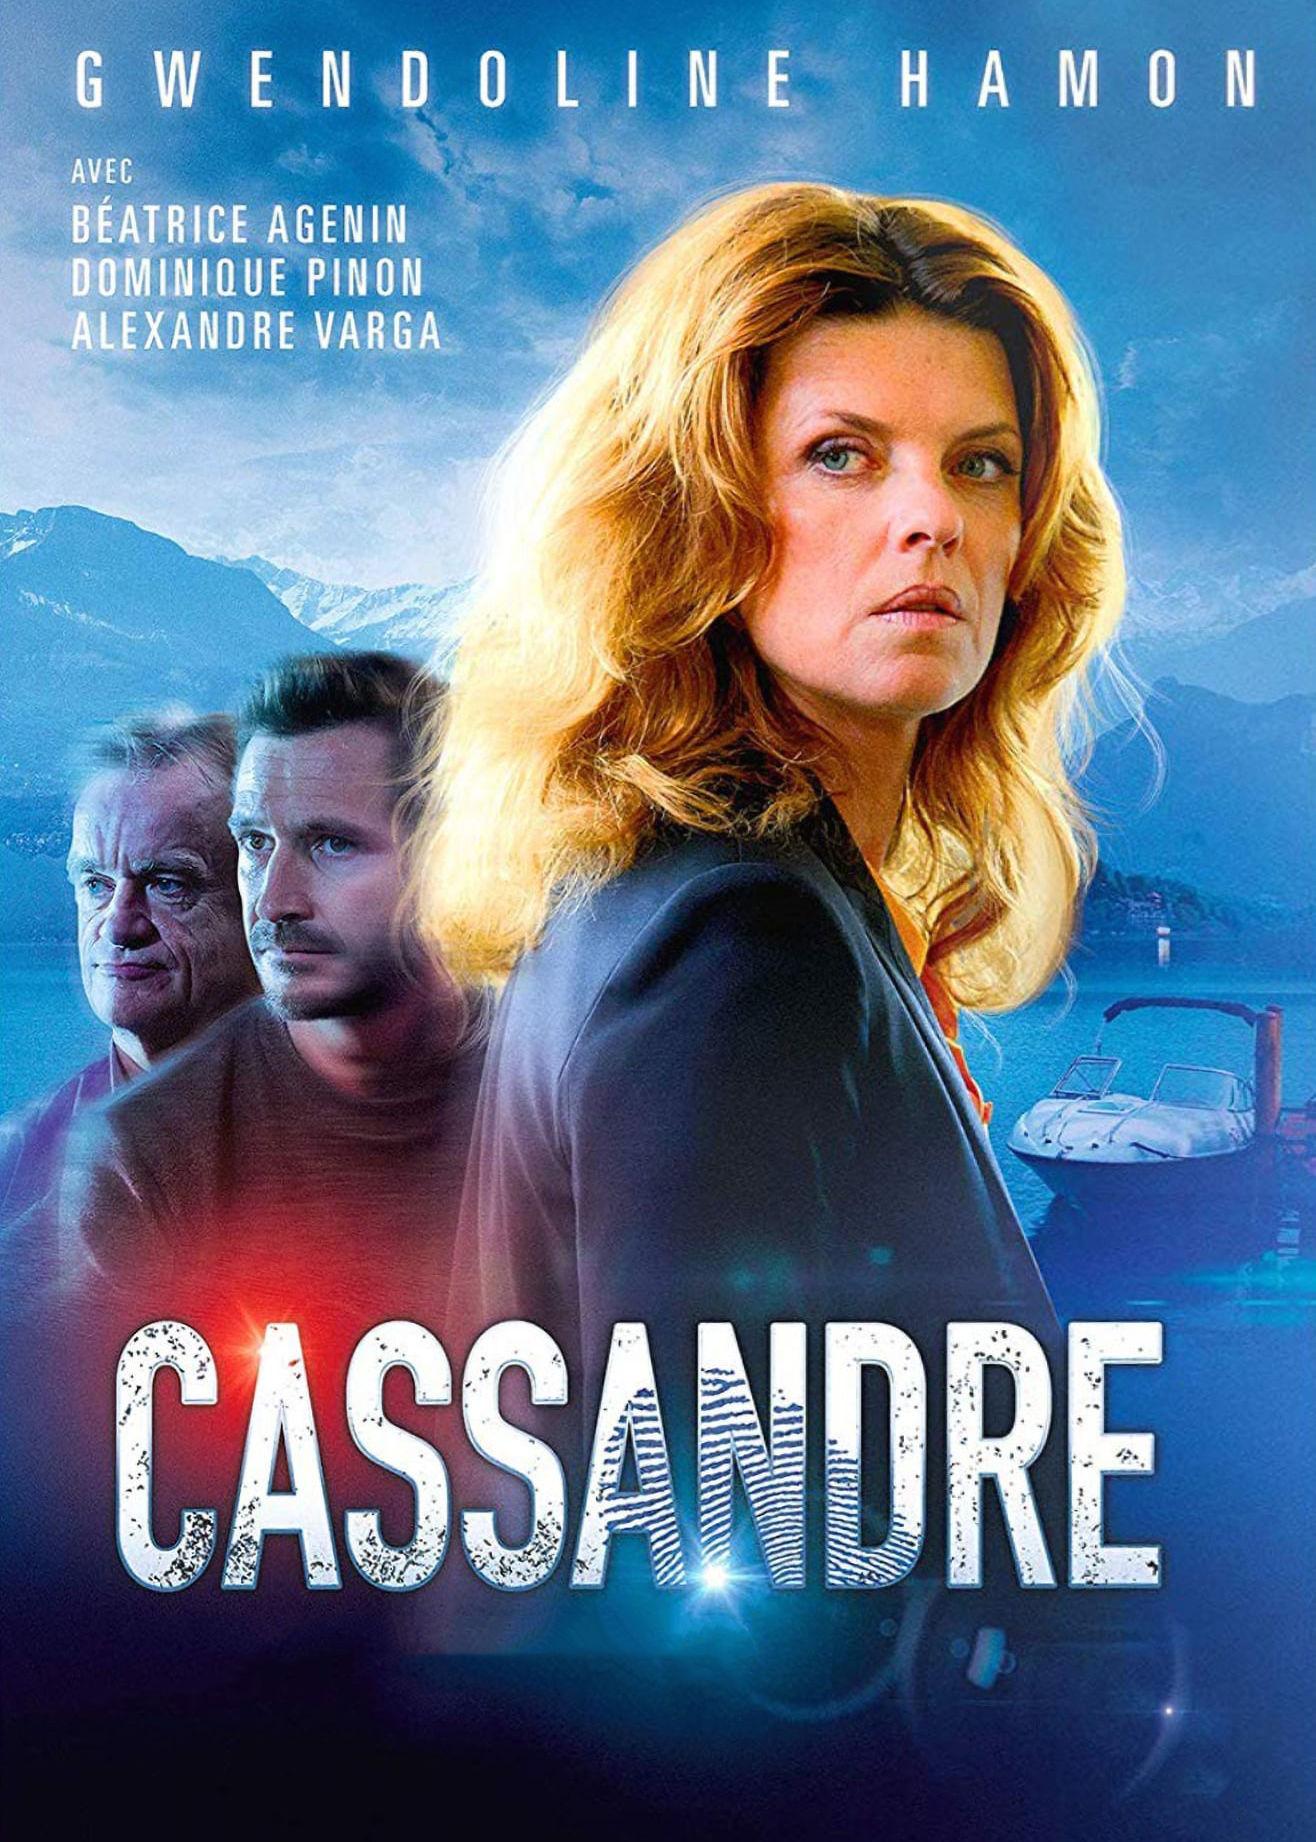 Cassandre ne zaman